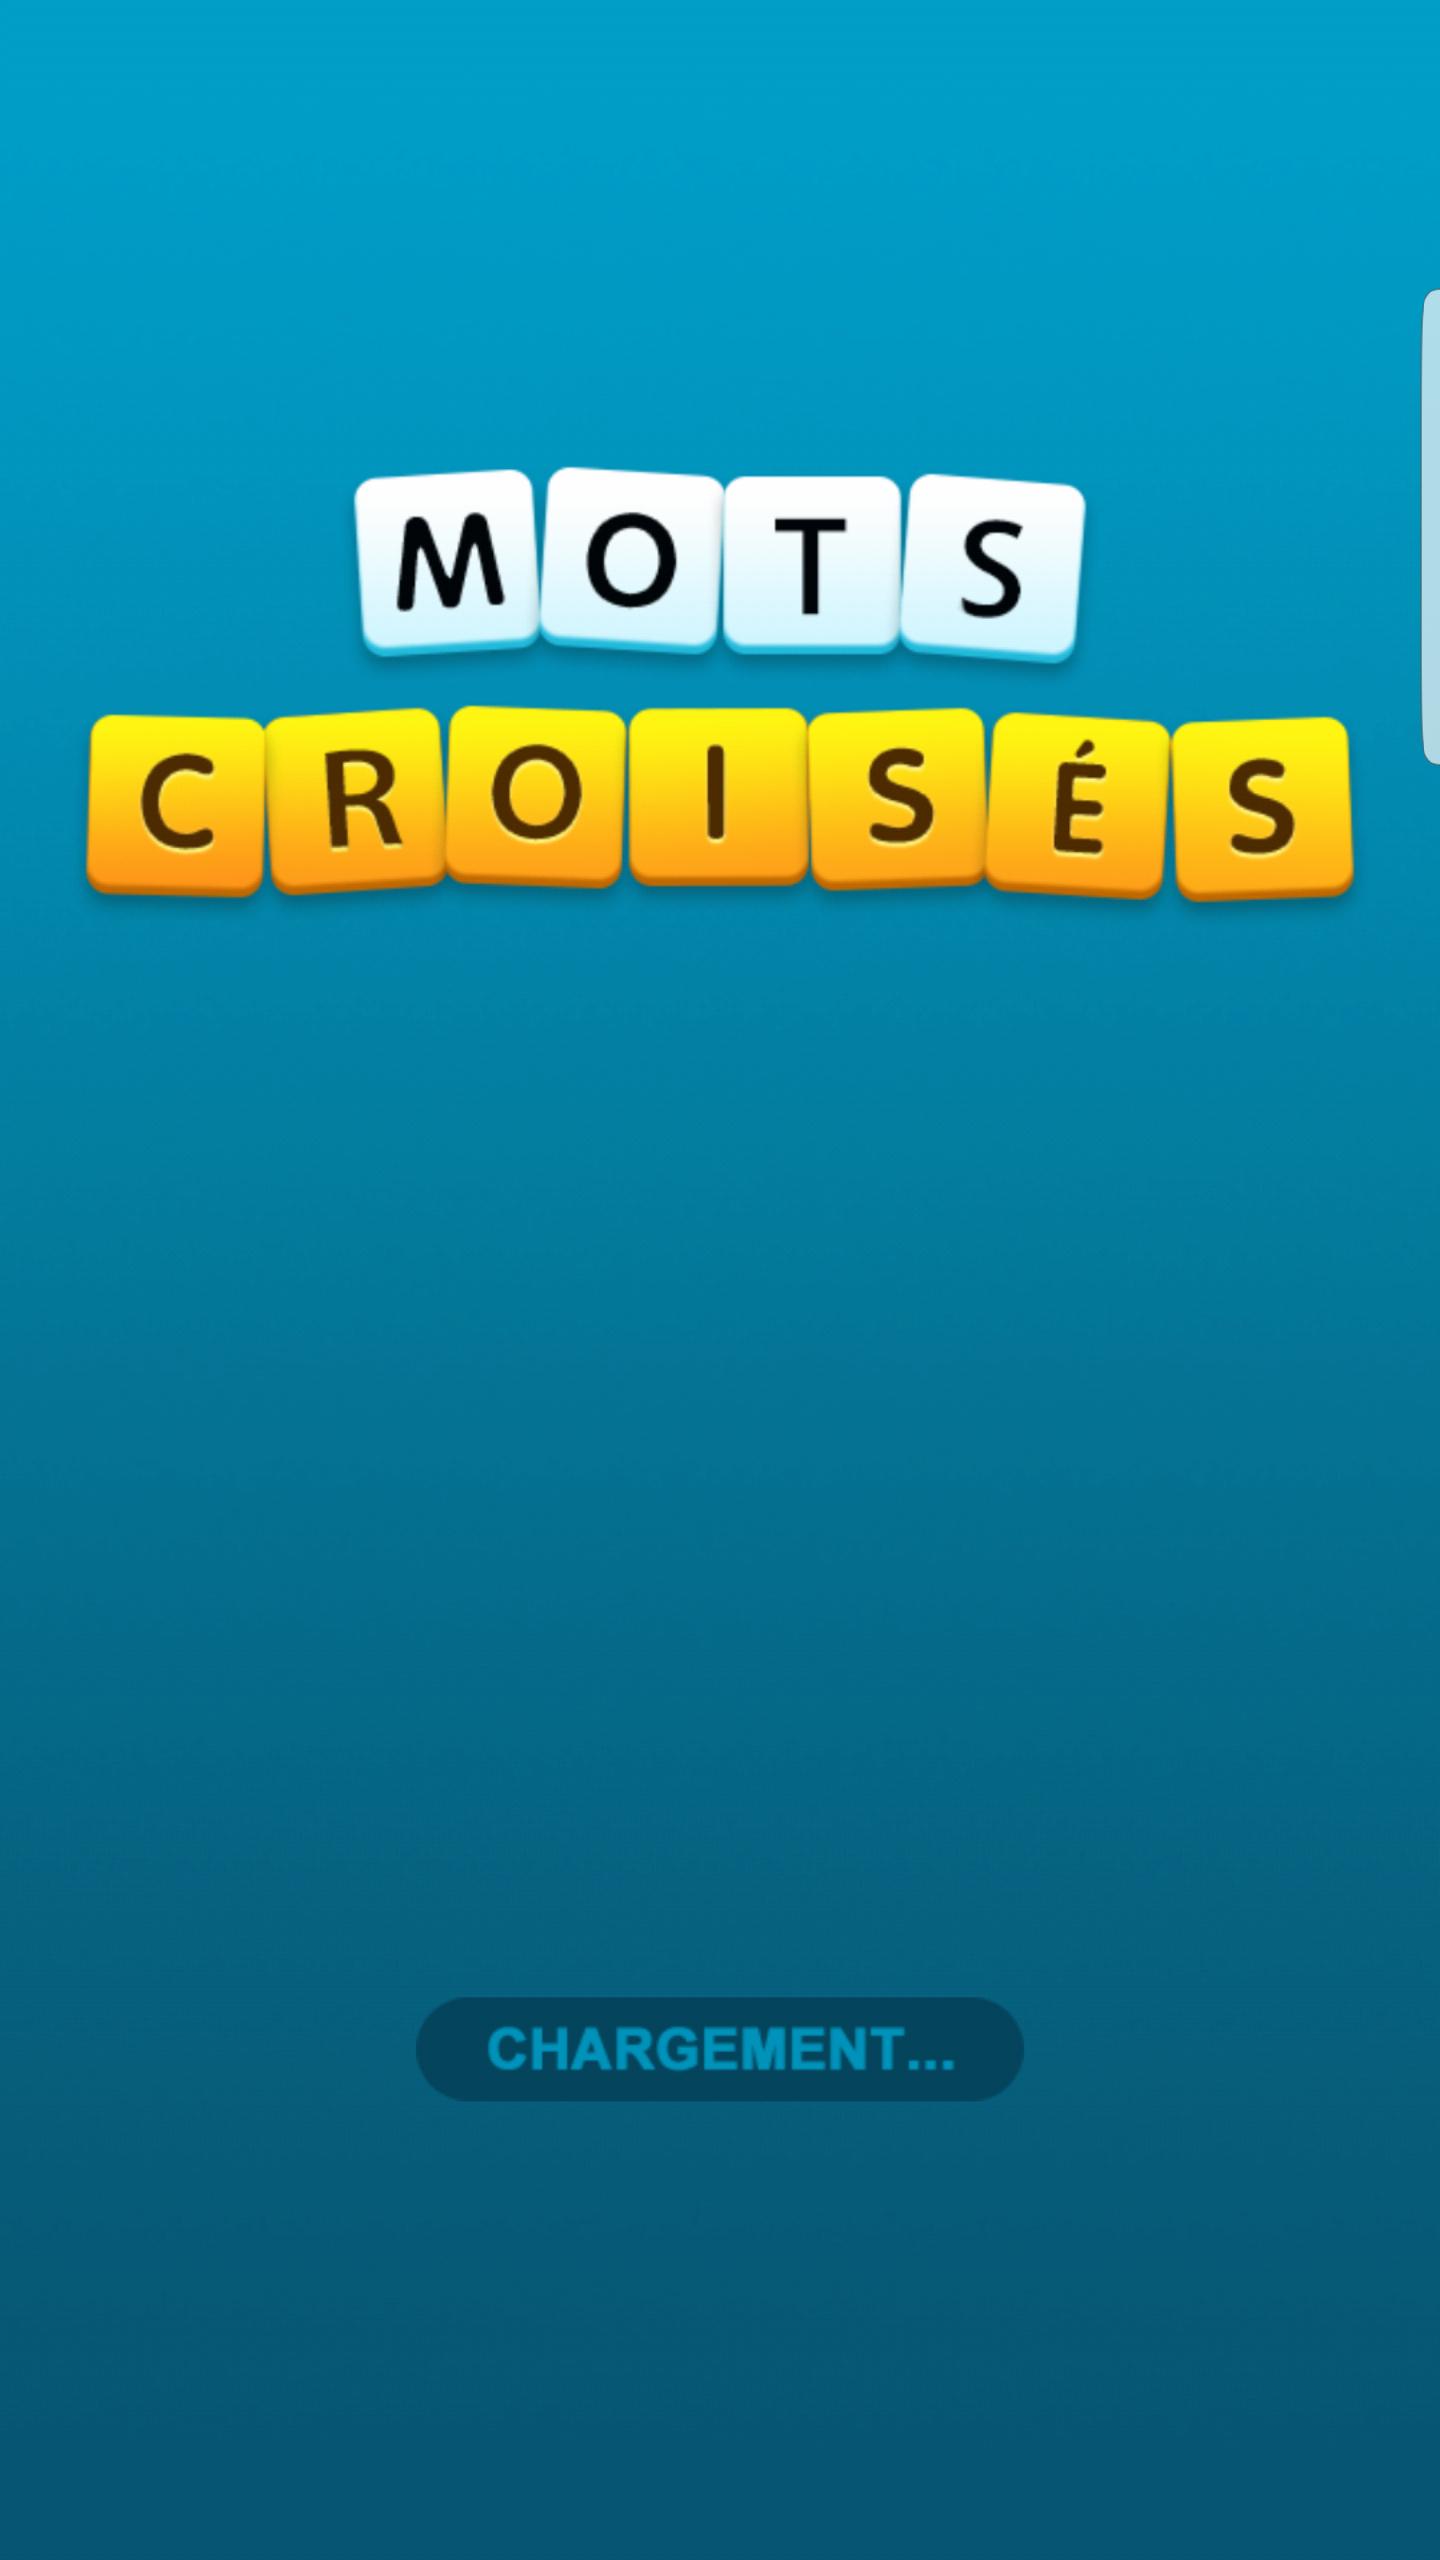 Mots Croisés Android 16/20 (Test, Photos) à Jeux Gratuit De Mots